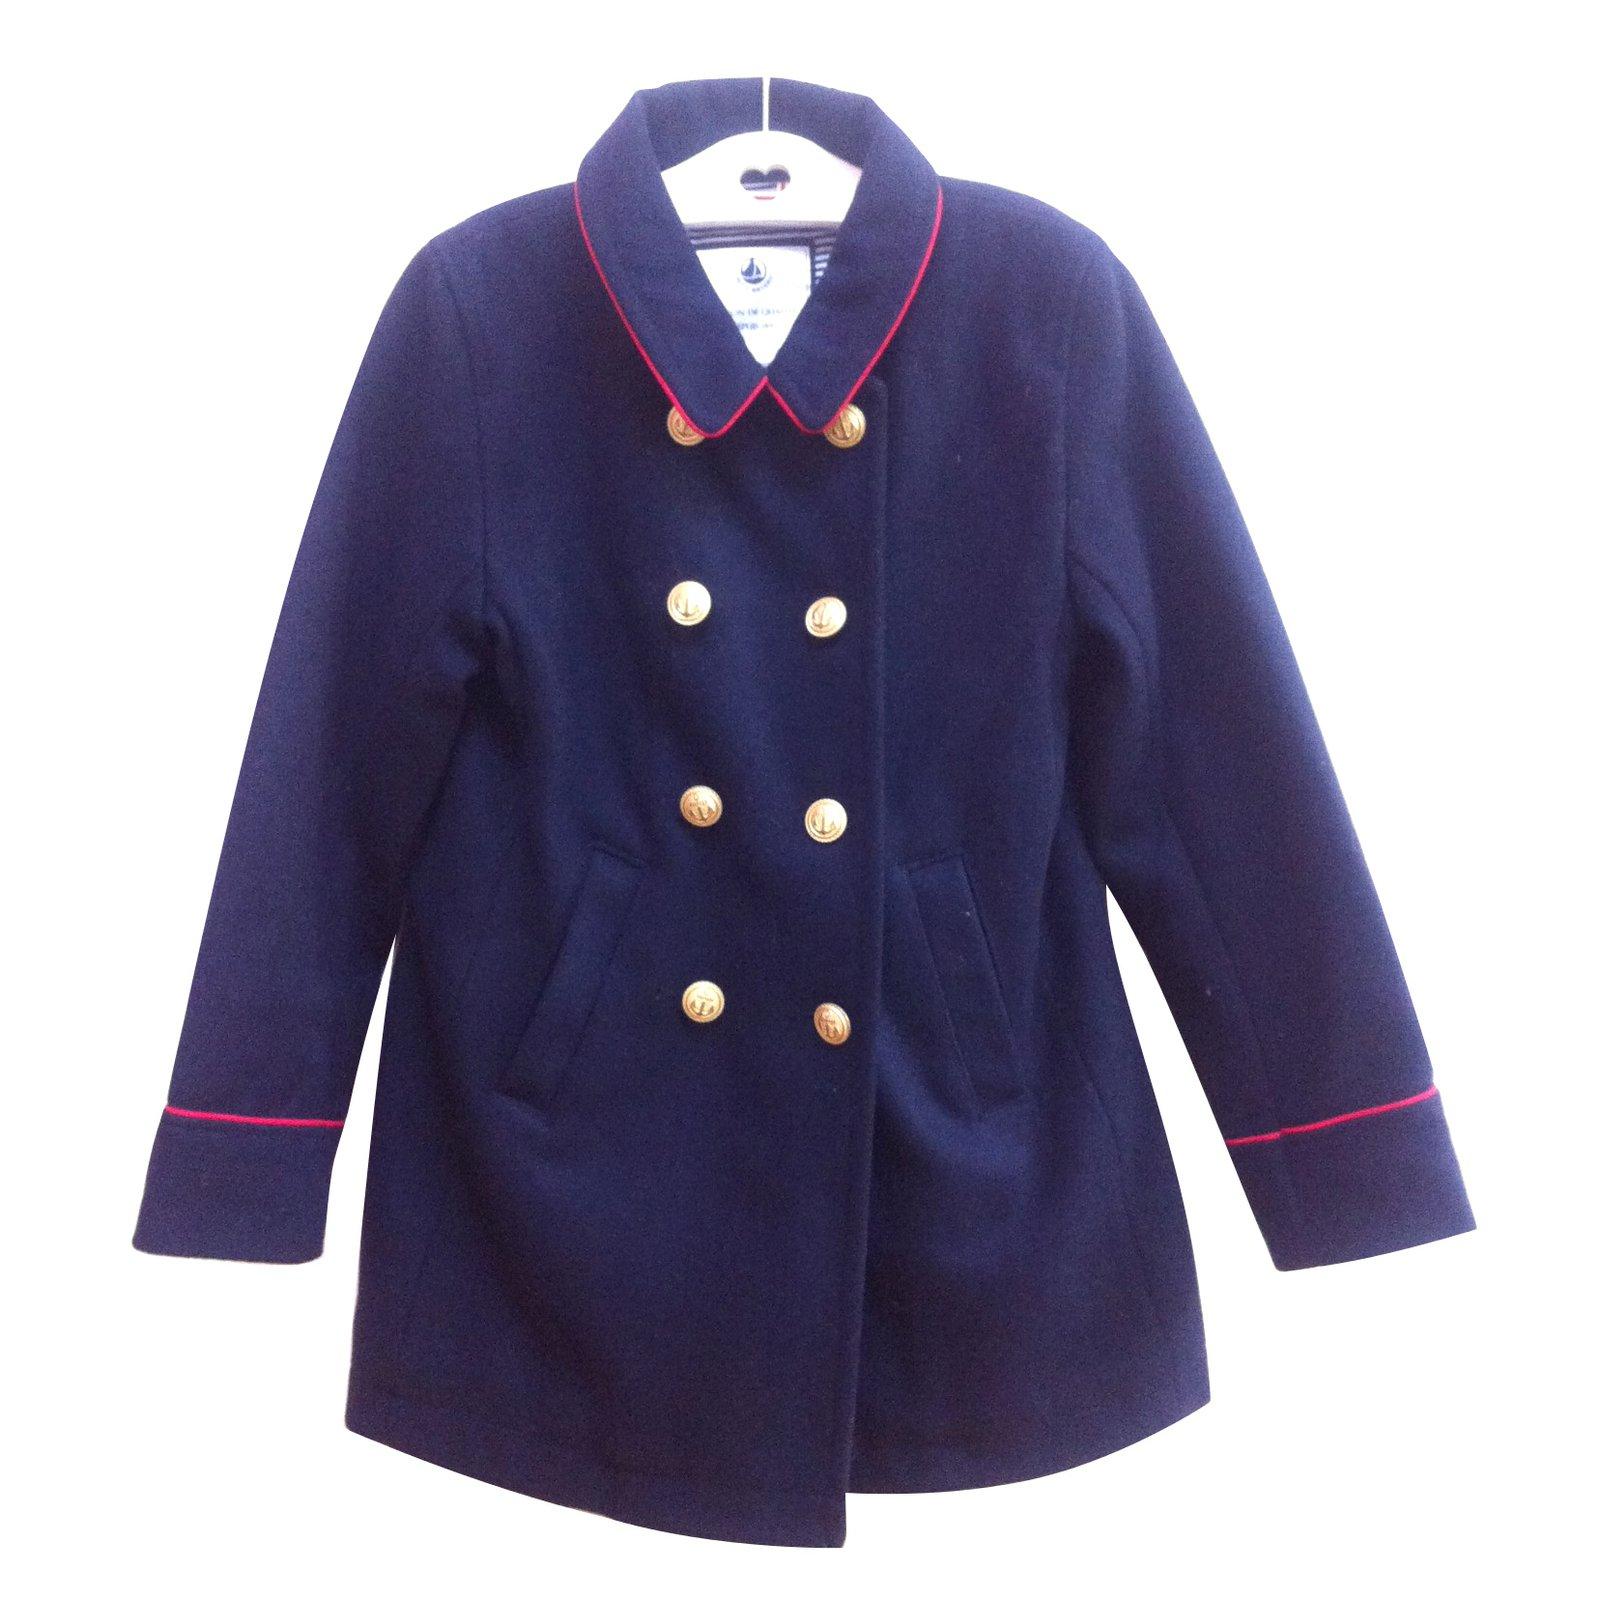 blousons manteaux filles petit bateau manteau 8 ans laine bleu joli closet. Black Bedroom Furniture Sets. Home Design Ideas